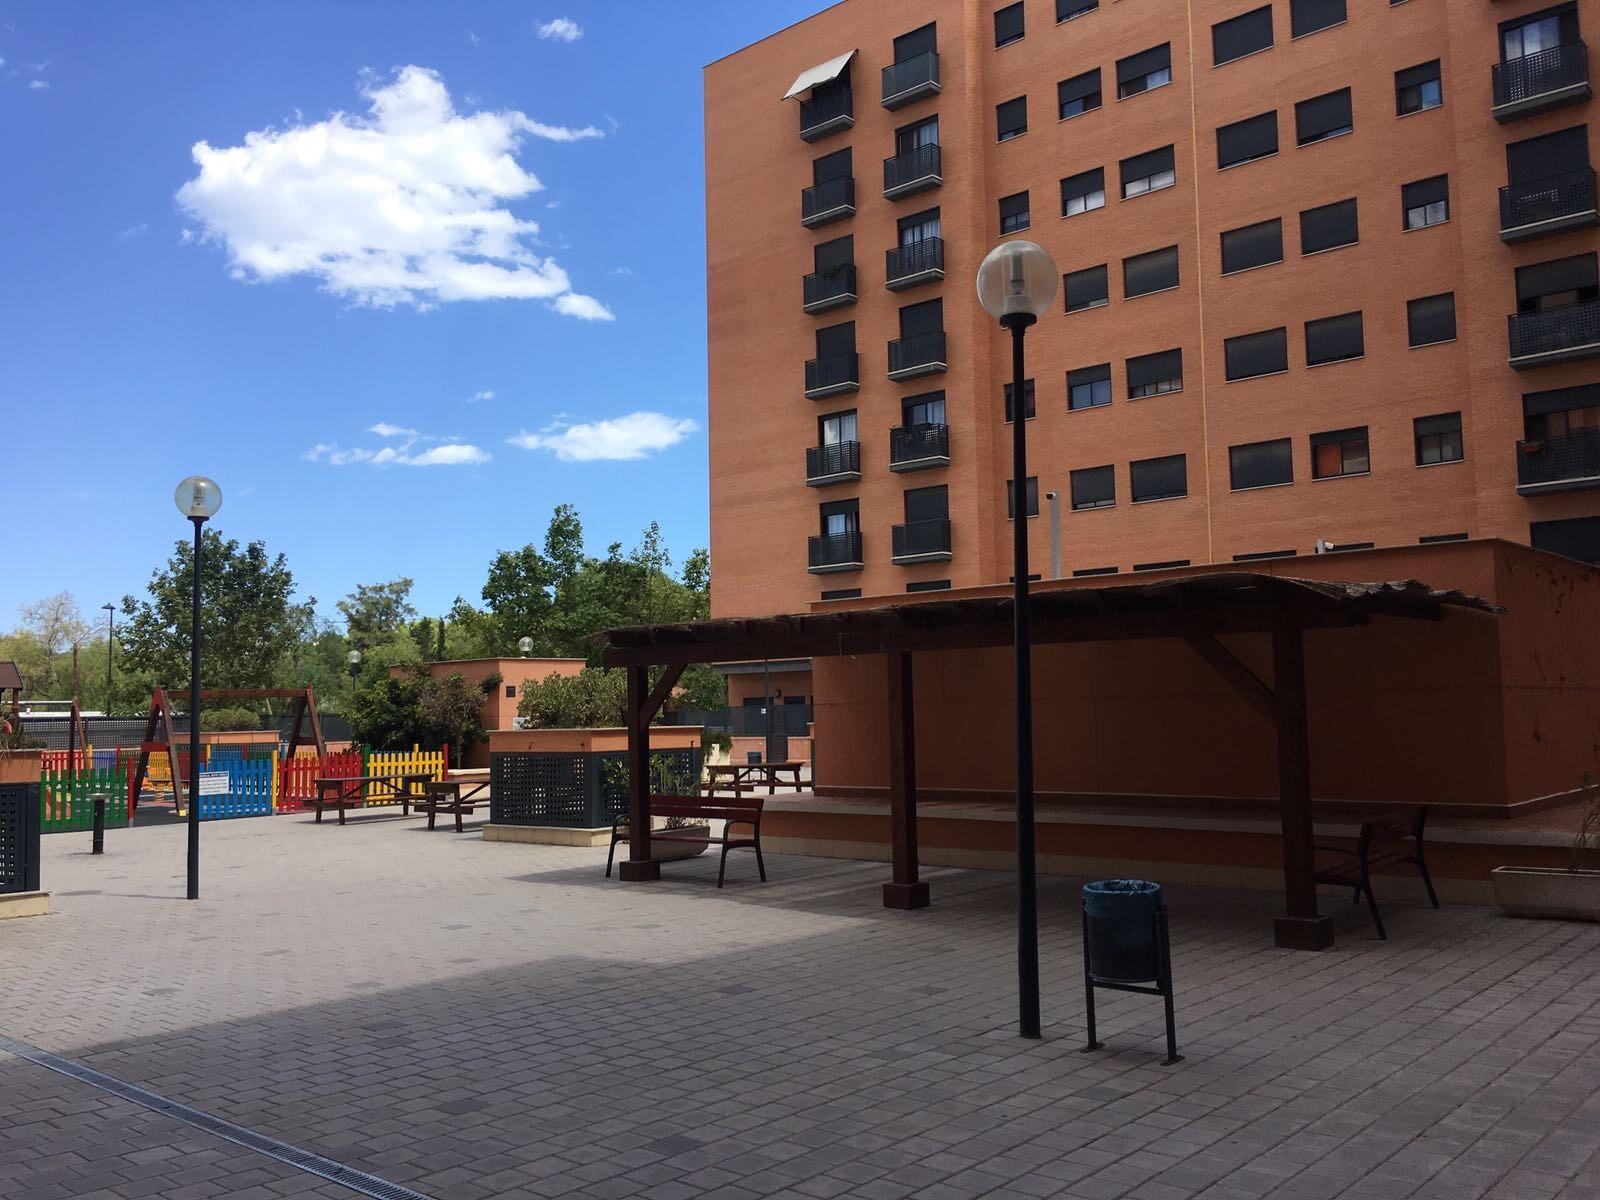 Piso al lado de la universidad de Alicante